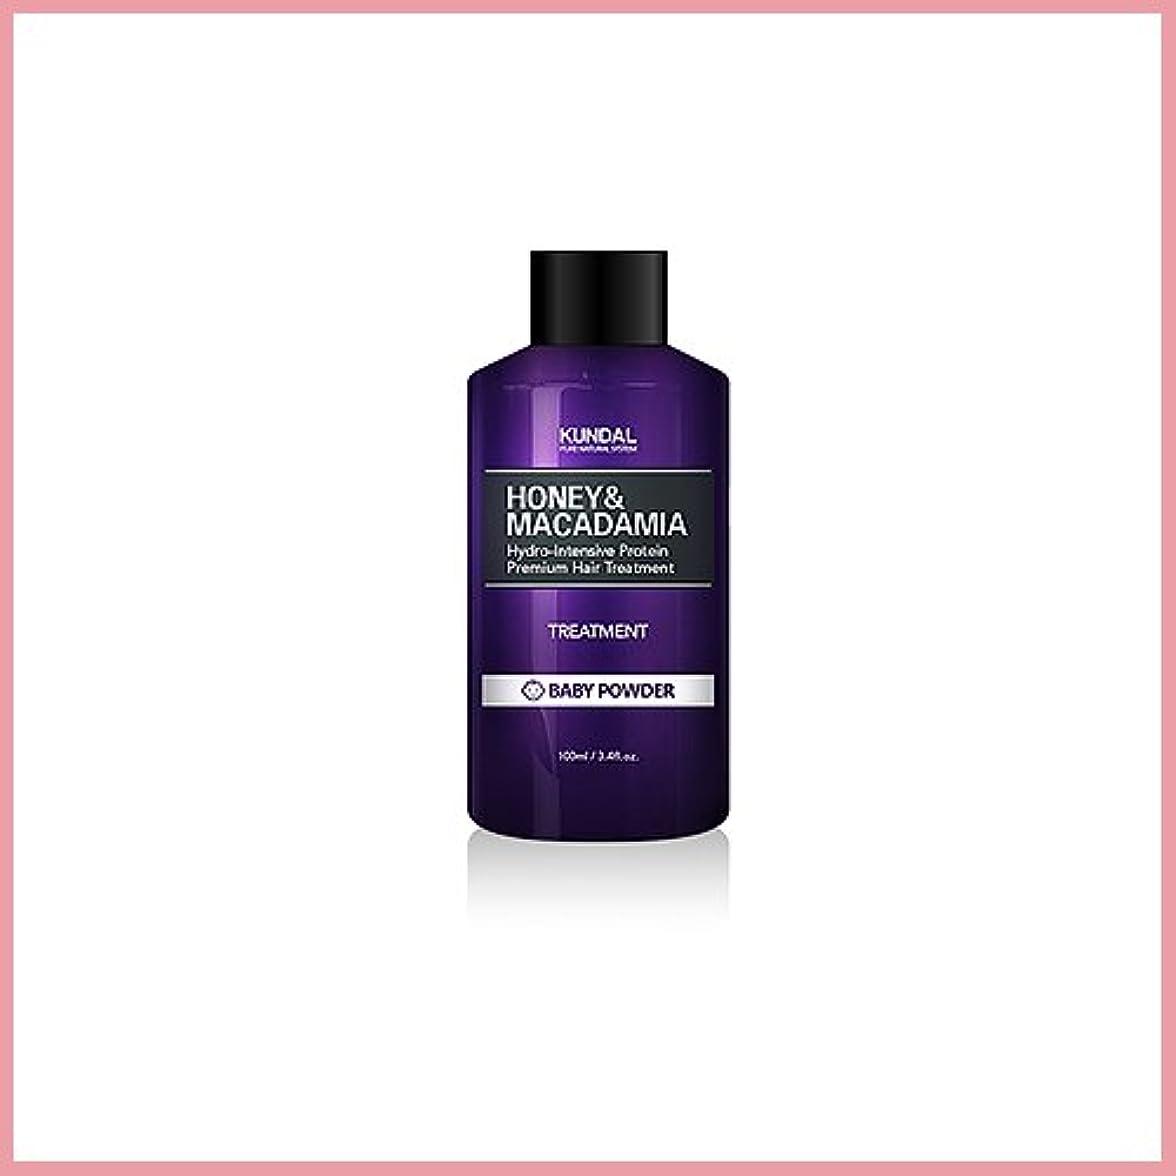 膿瘍第そこから[KUNDAL/クンダル] Kundal Premium Hair Treatment 100ml [2017年韓国満足度1位][TTBEAUTY][韓国コスメ]